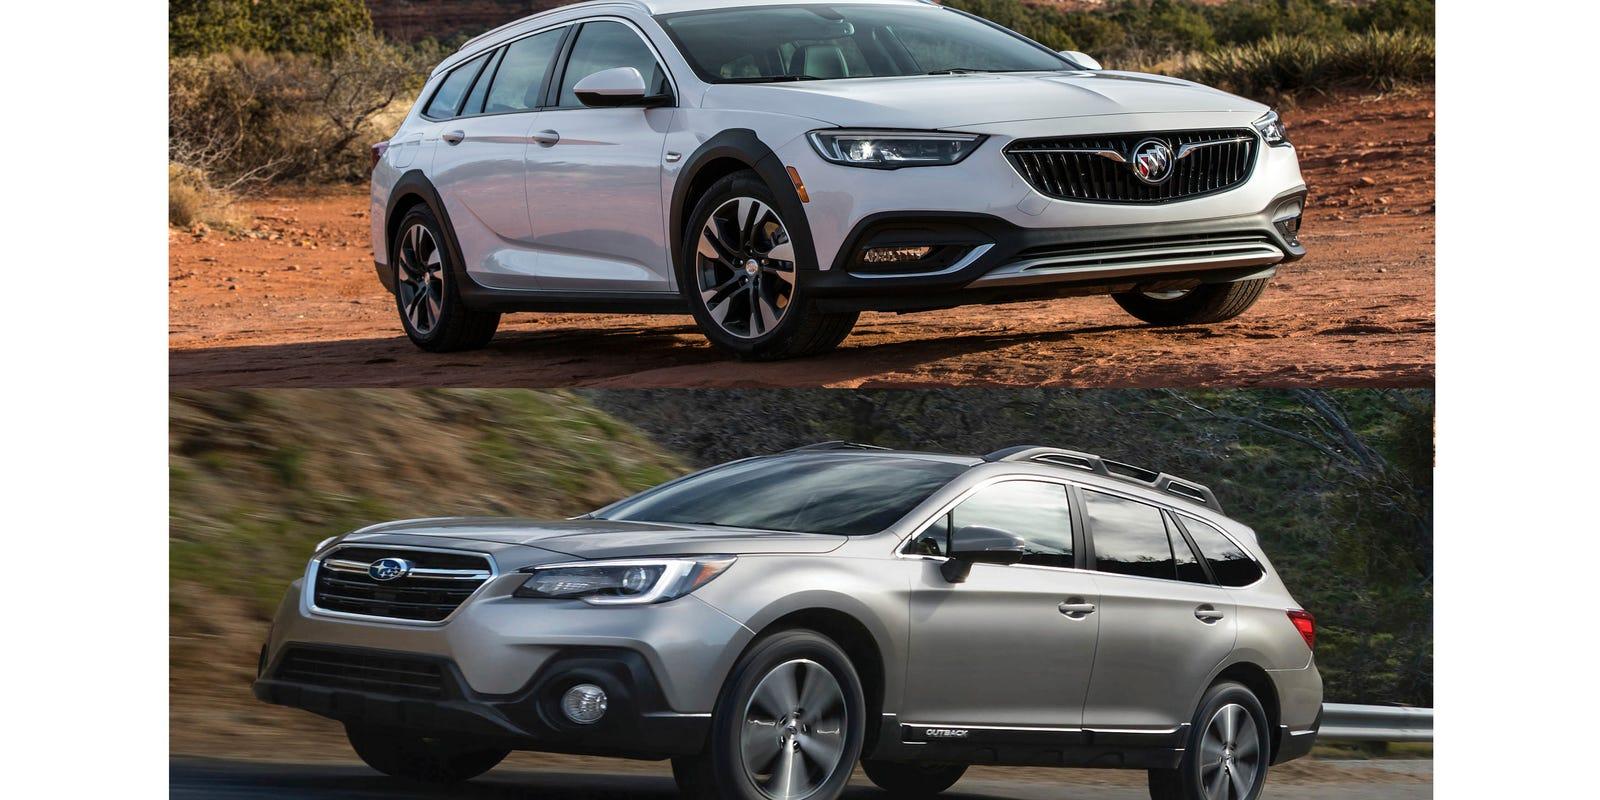 Sport Wagons Edmunds Compares Subaru Outback And Buick Regal Tourx